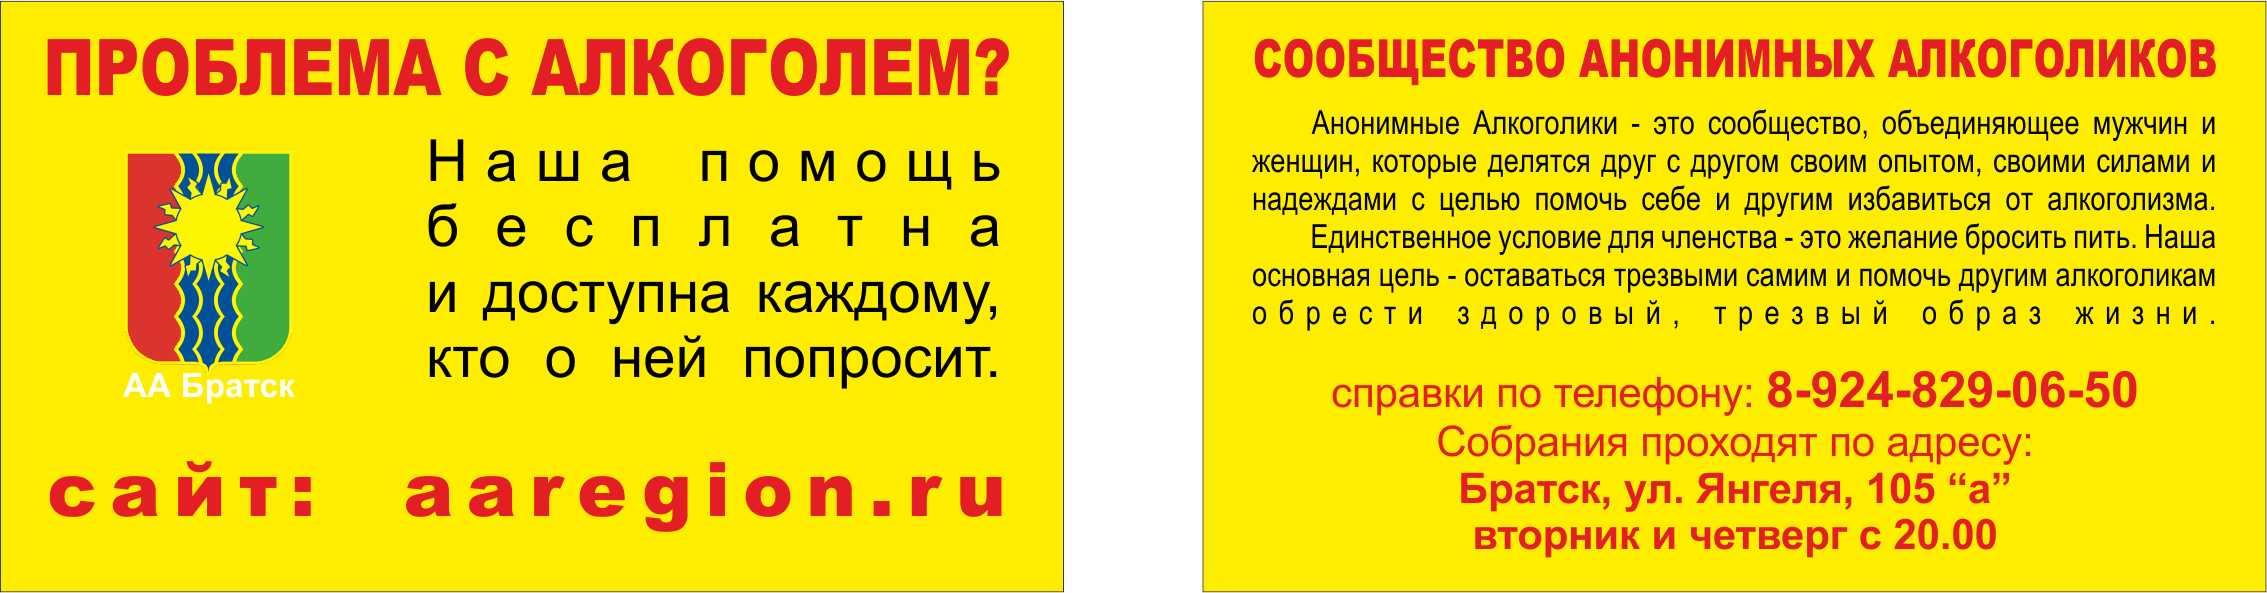 визитка-братск